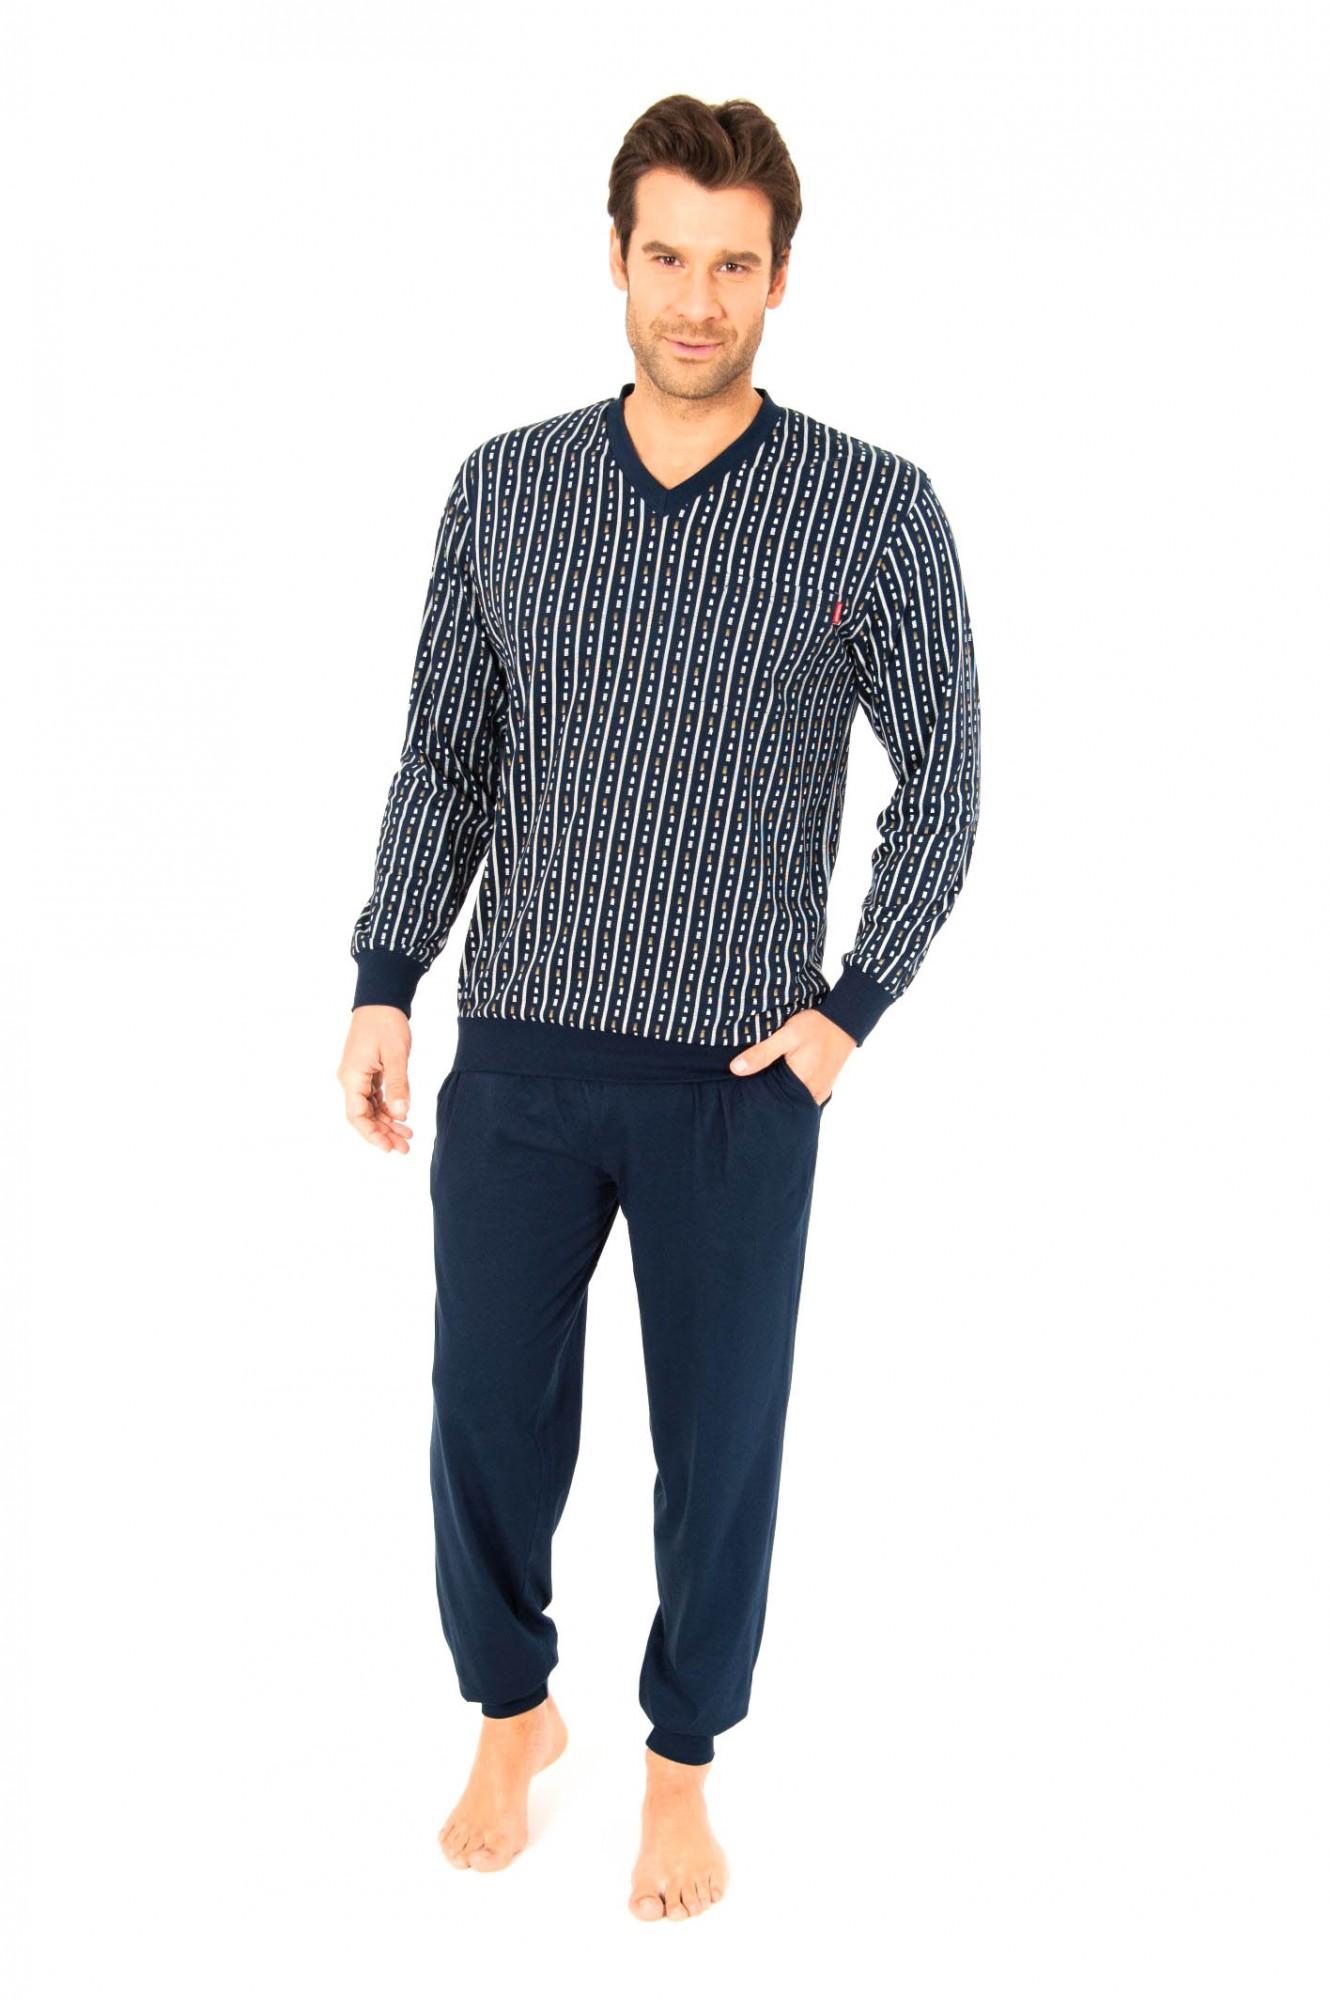 Schlafanzug lang Pyjama mit Bündchen, V-Hals, auch in Übergrössen, 251 101 90 470